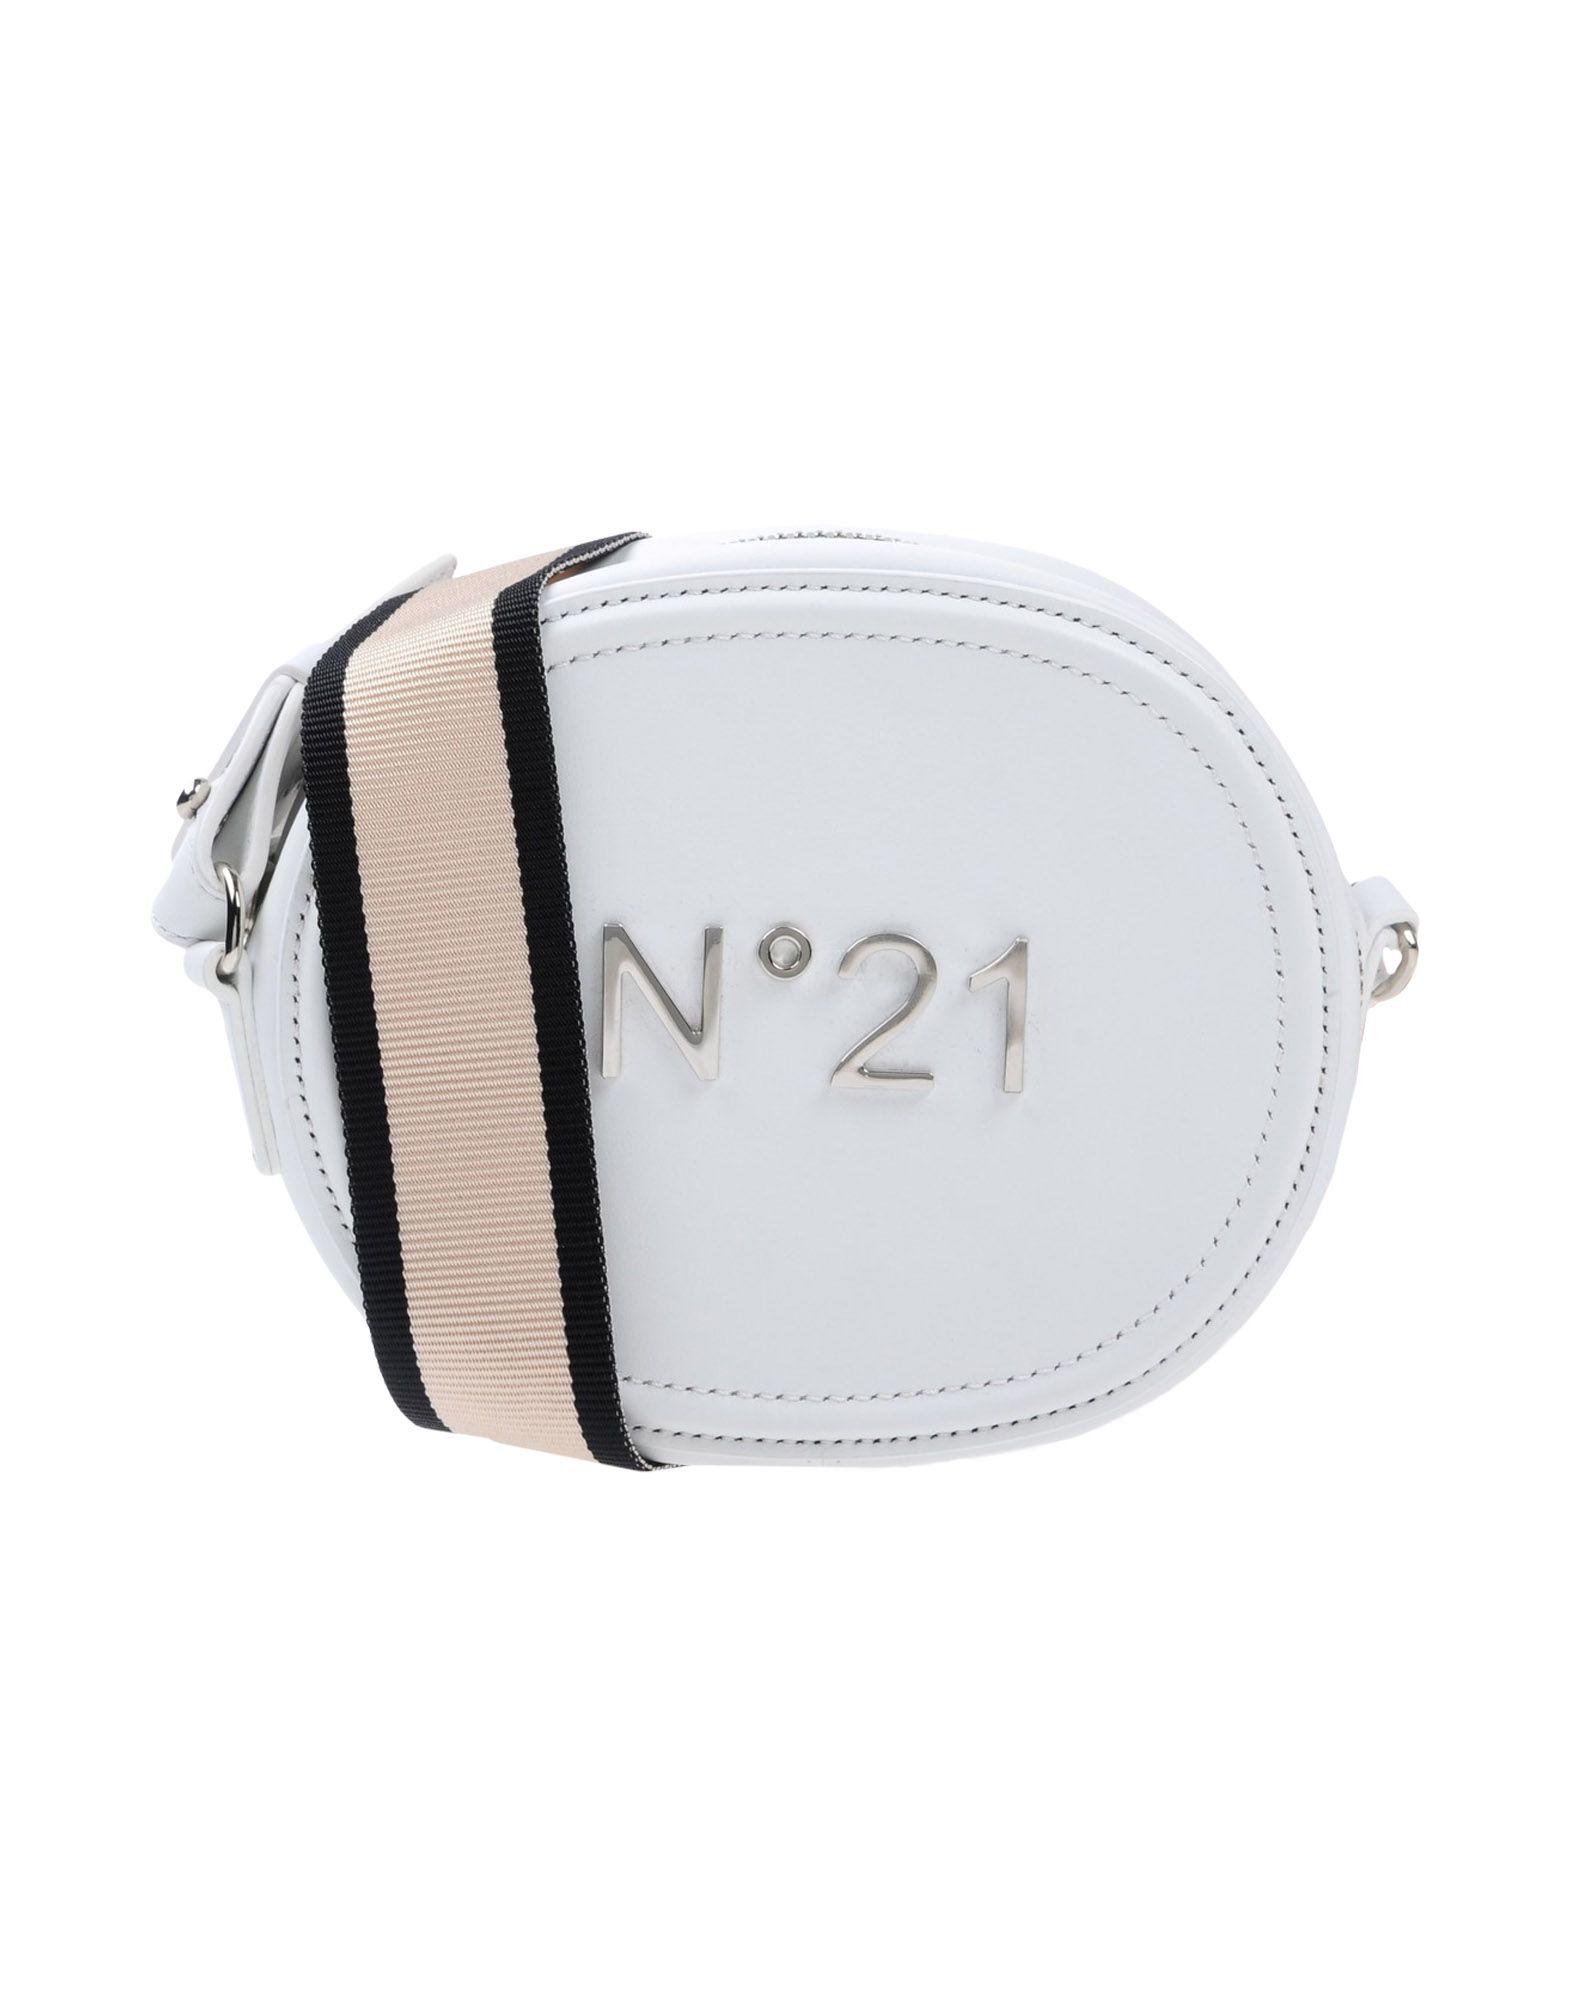 N° 21 Сумка через плечо др коффер 6561 21 09 сумка через плечо